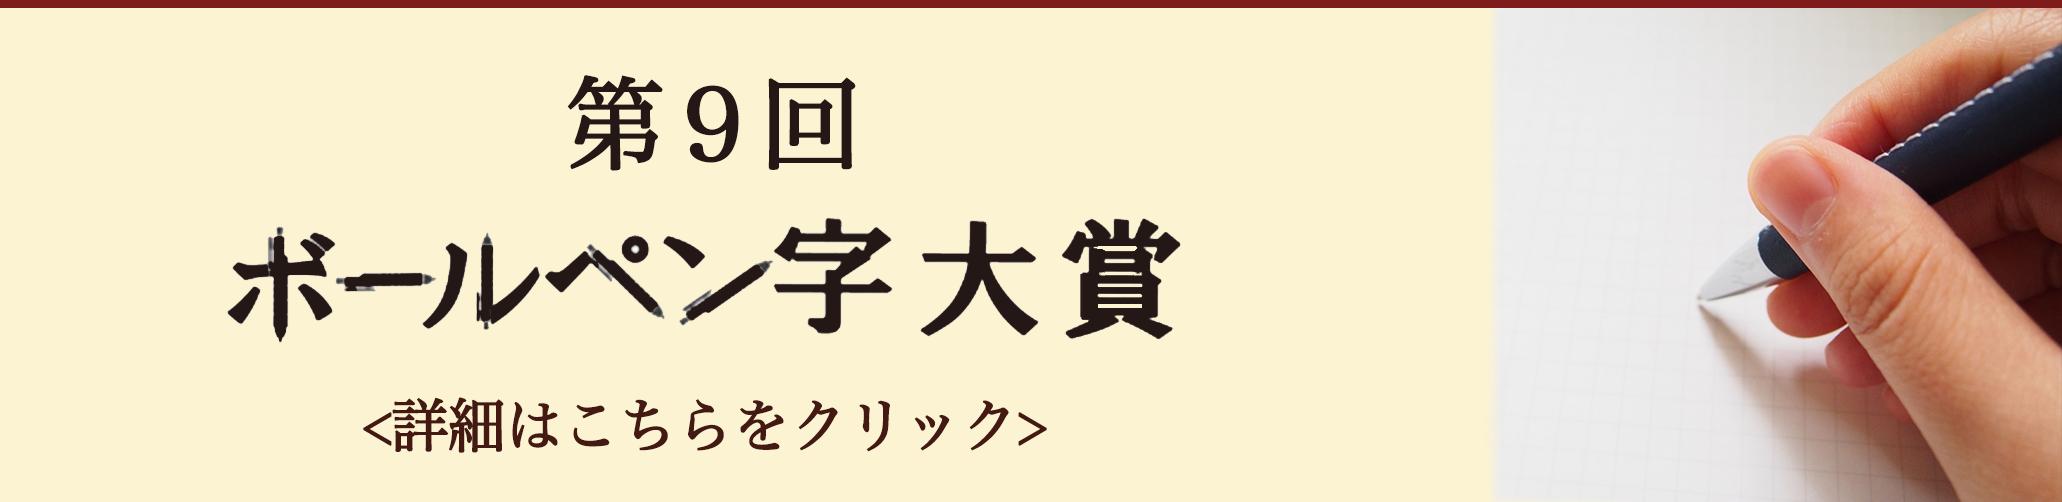 第9回ボールペン字大賞